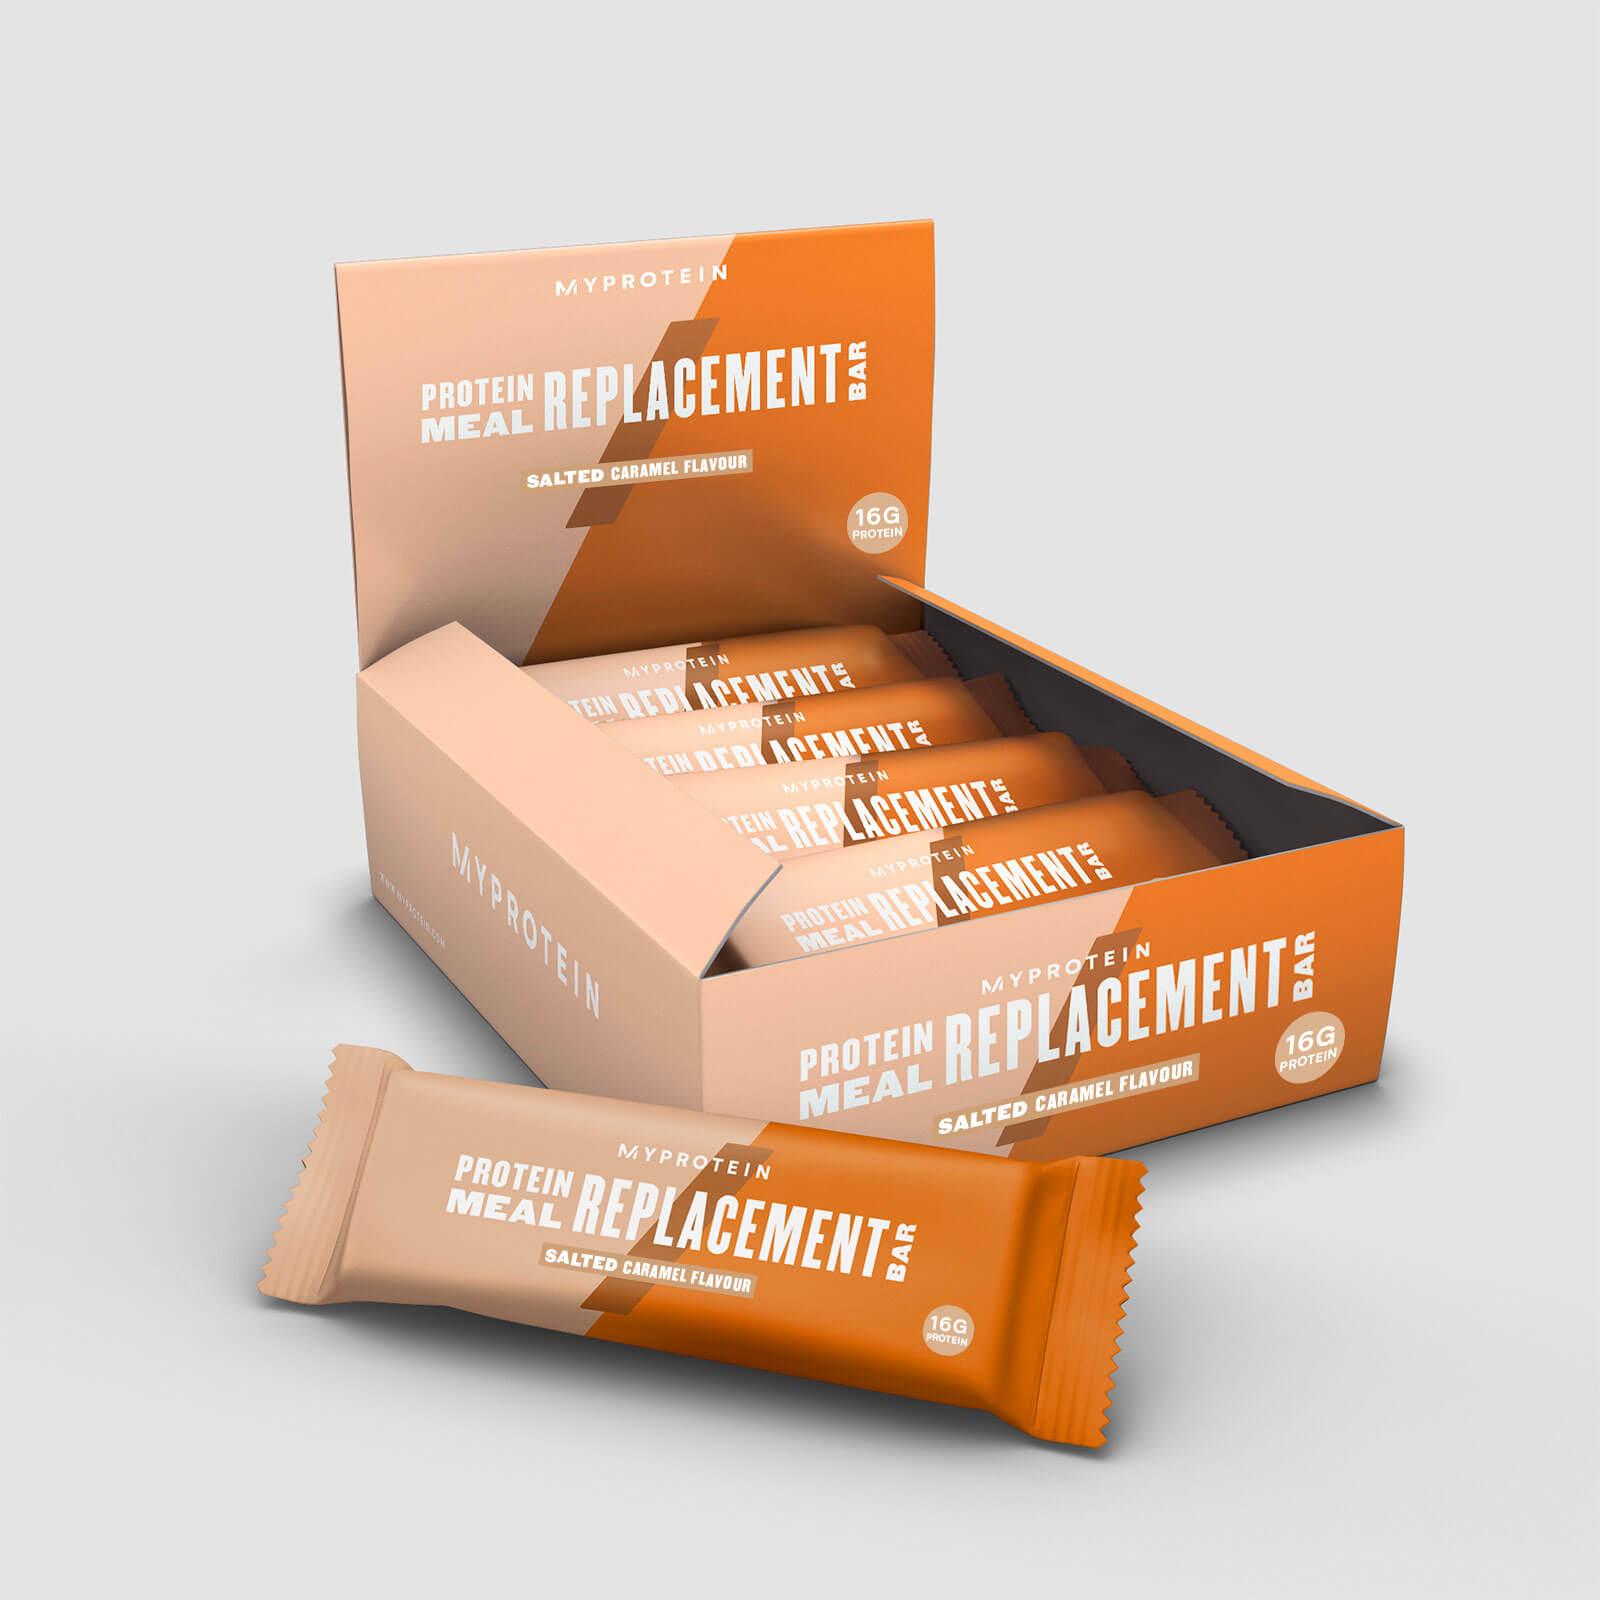 Myprotein Substitut de Repas Croustillant - 12 x 65g - Nouveau - Caramel salé